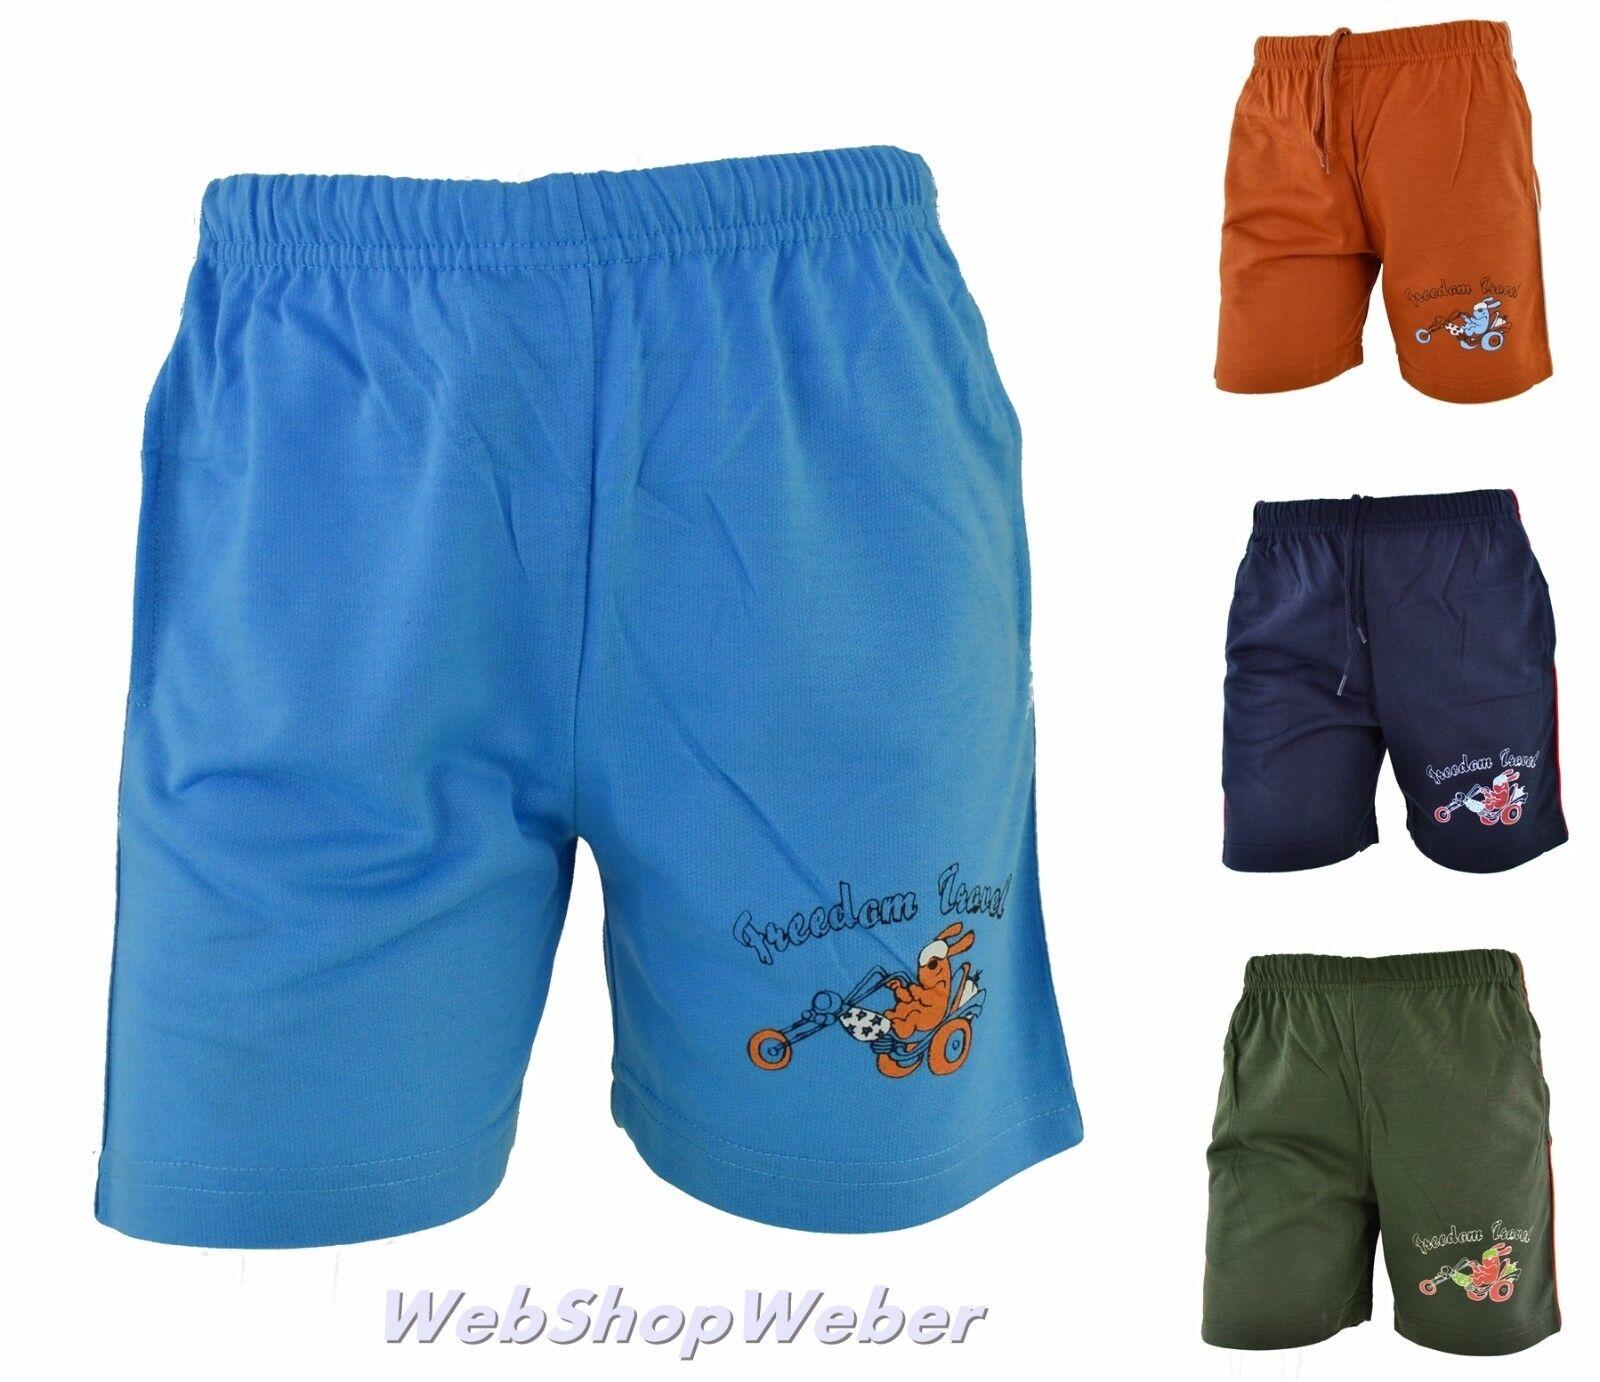 Jungen Kinder Shorts kurze Hose Sommer Jungs Knaben Sport Sporthose Neu